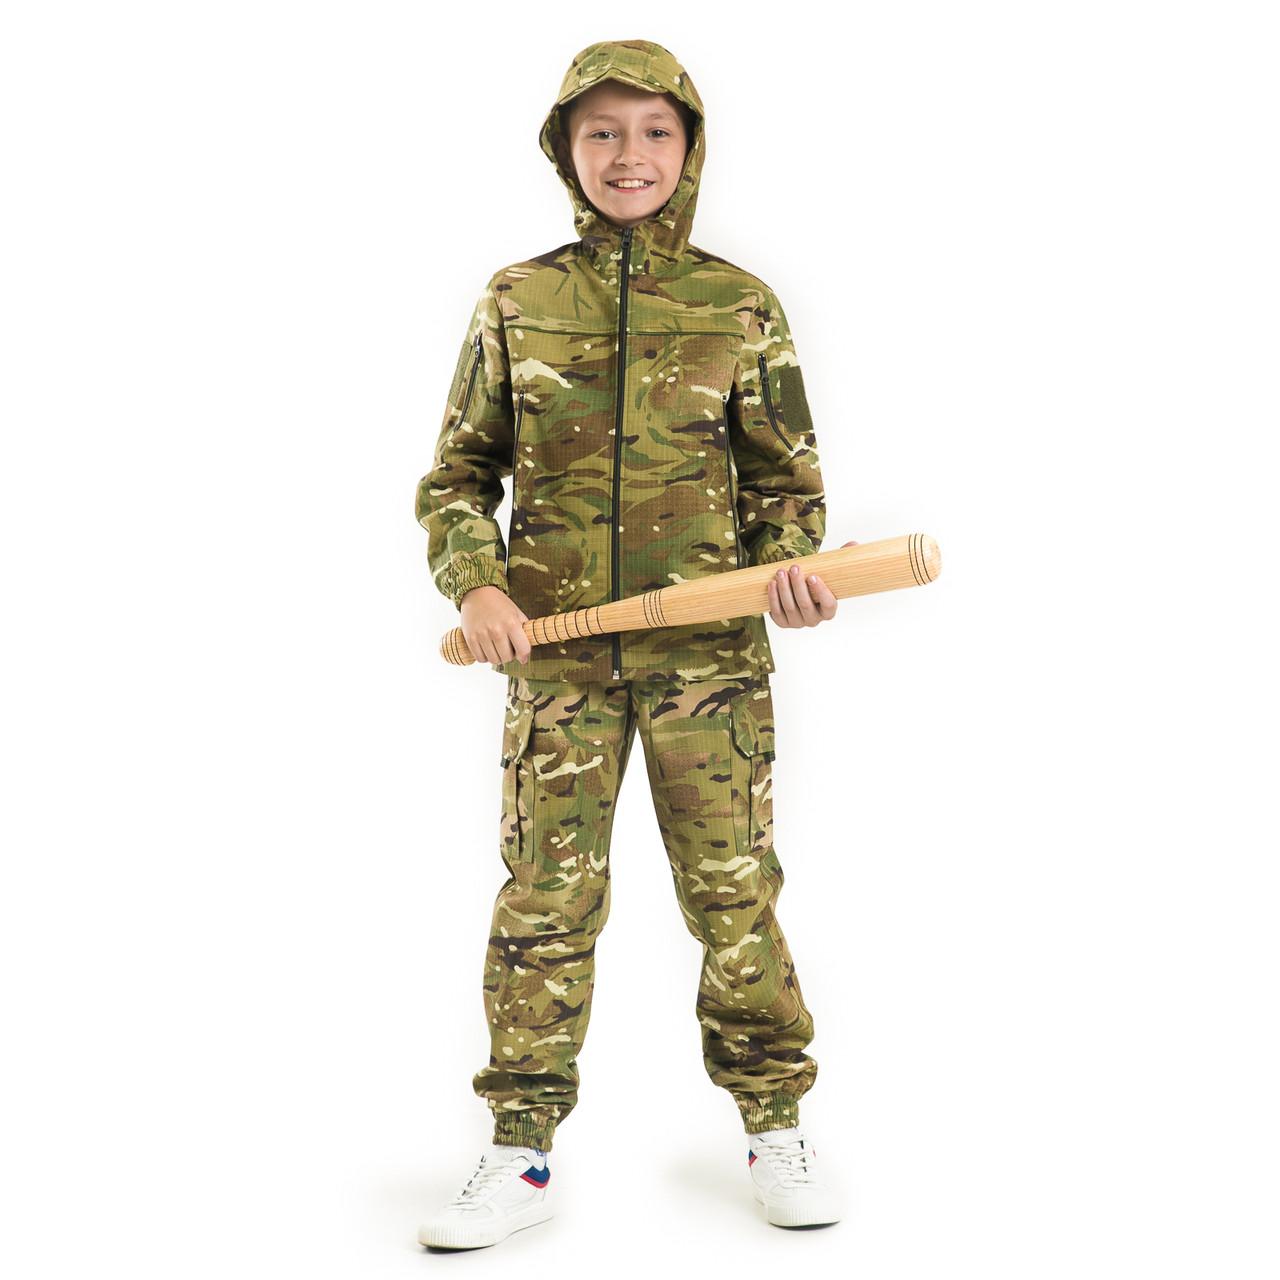 Детская камуфляжная одежда костюм Скаут камуфляж MTP